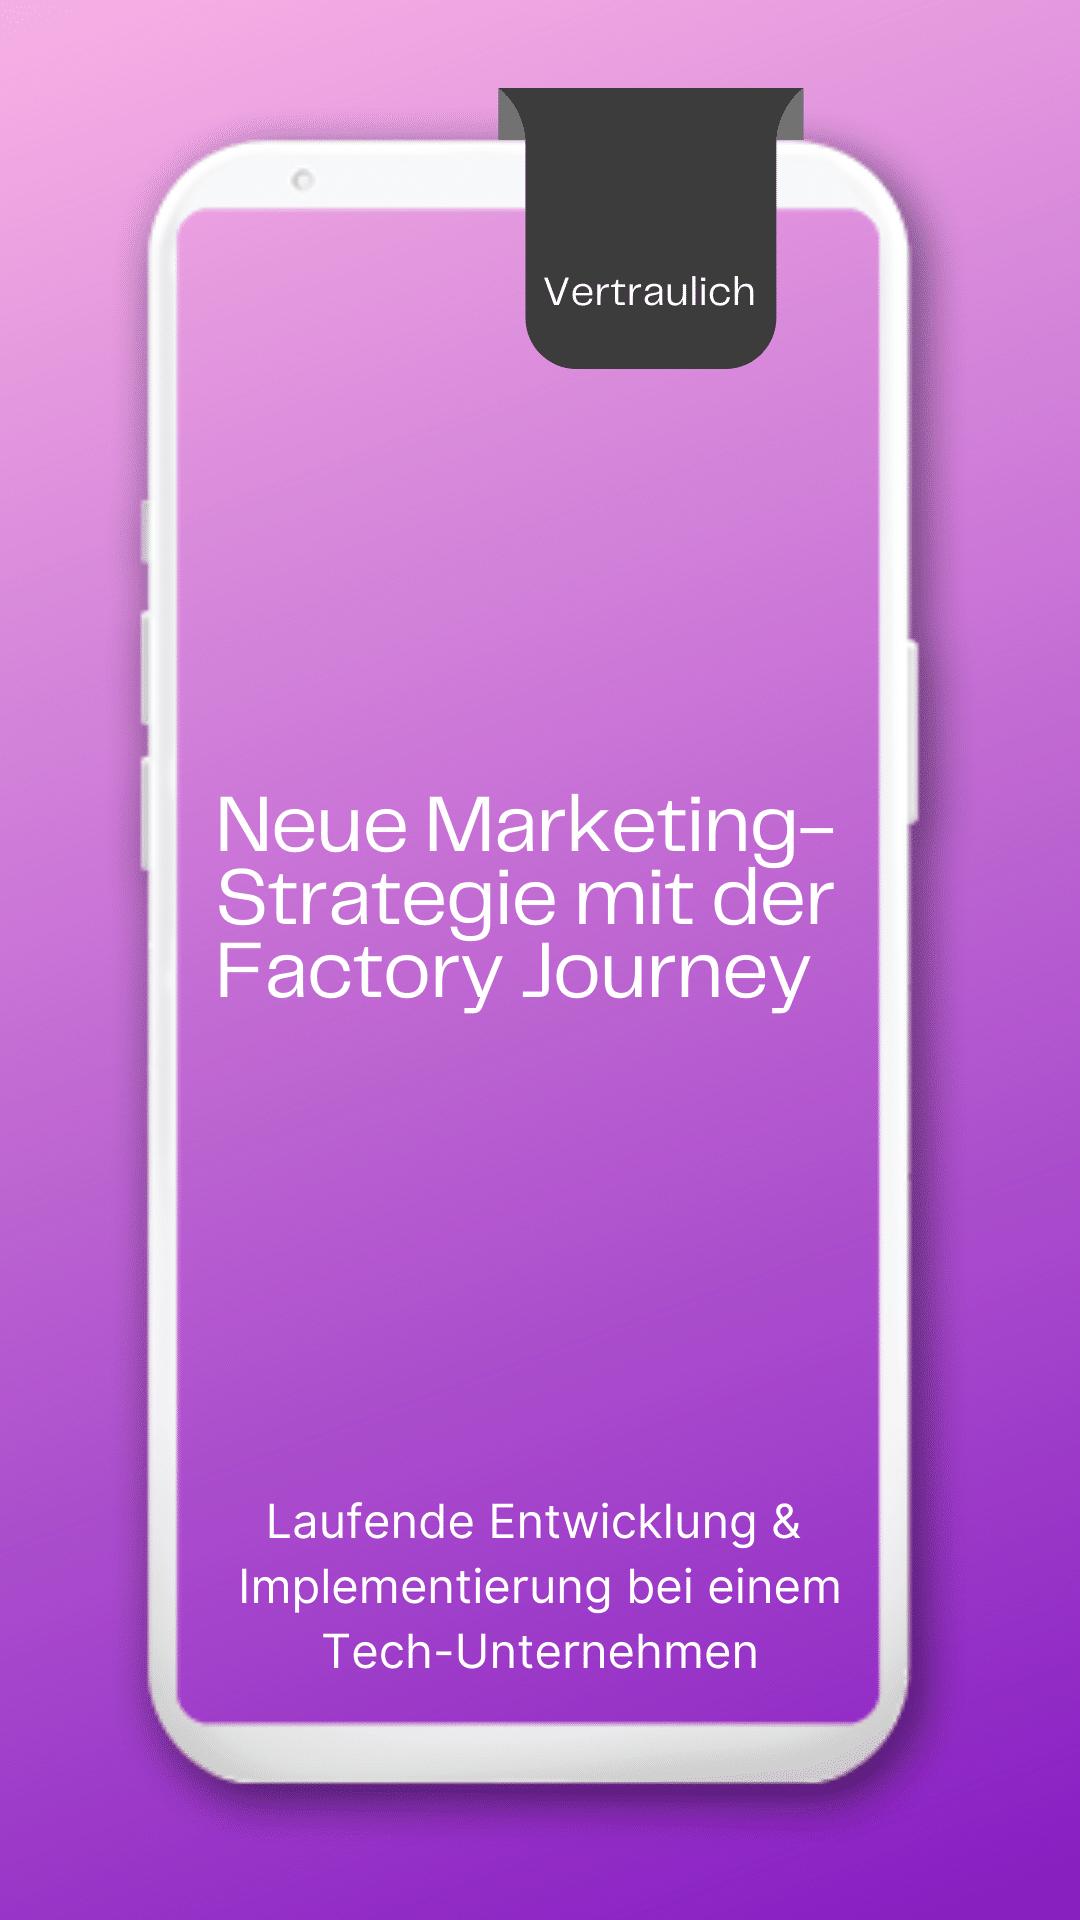 Marketing Strategie & Journey – Factory Wien